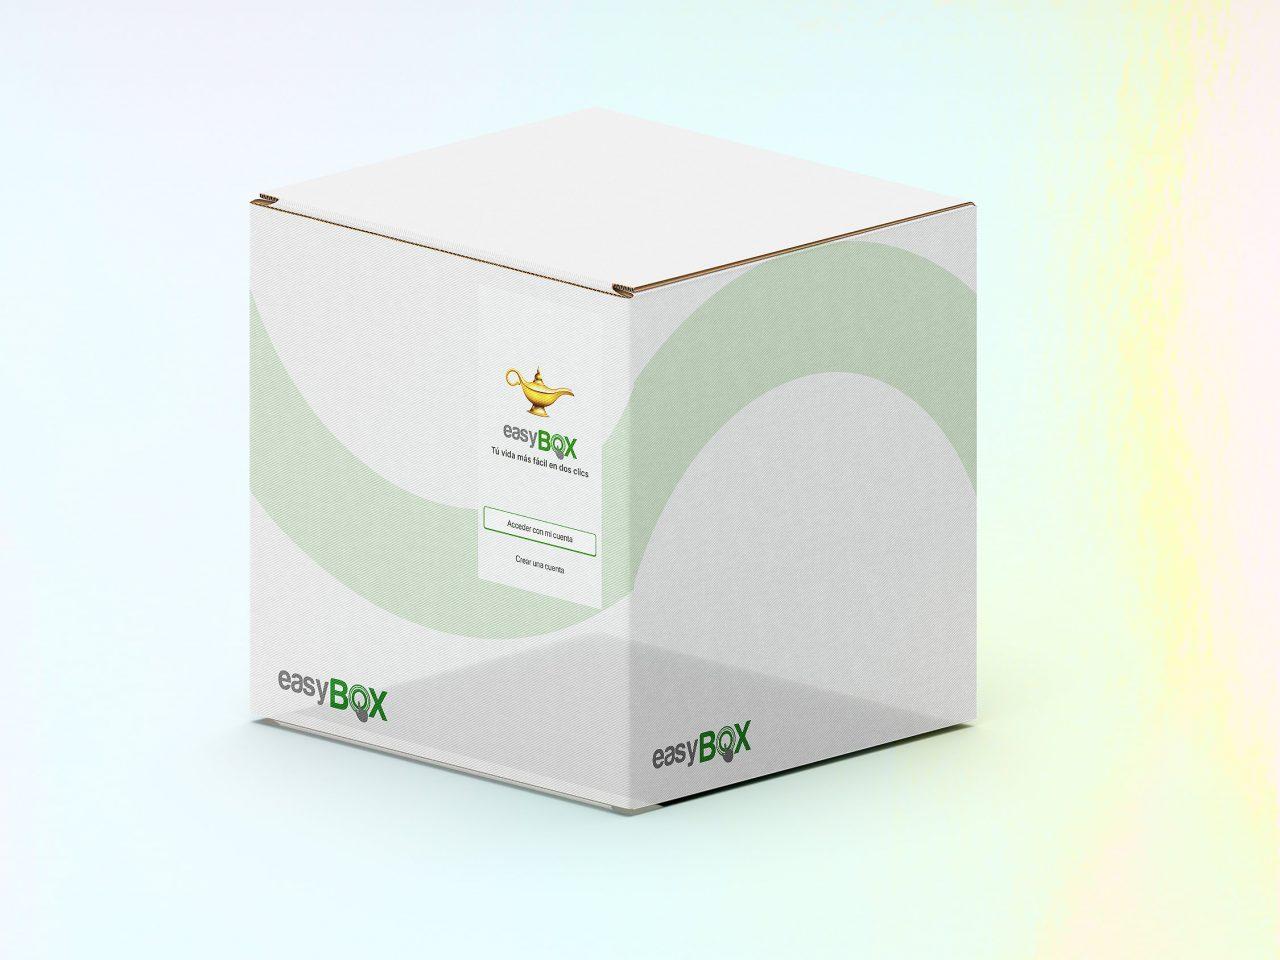 Protegido: easyBOX